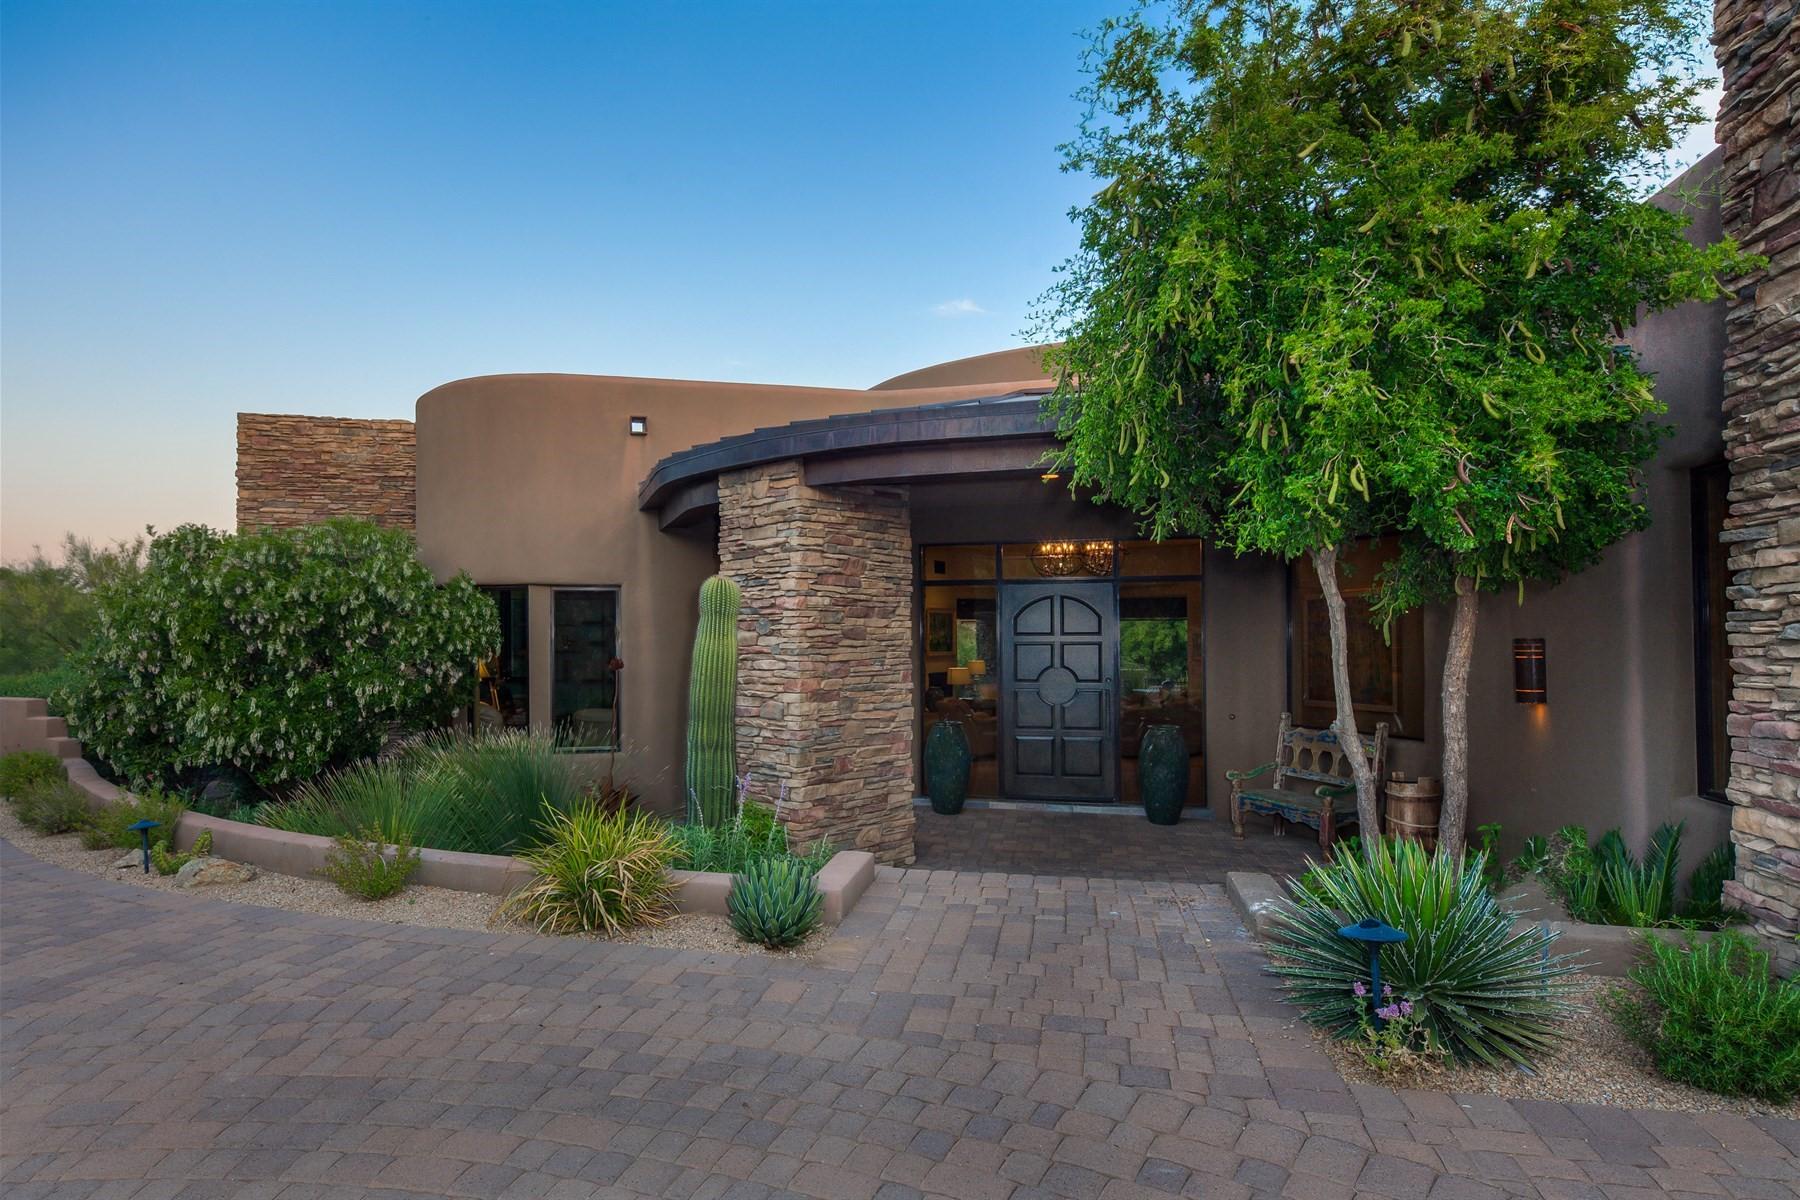 단독 가정 주택 용 매매 에 Classic desert contemporary with beautiful views 41282 N 111th St Scottsdale, 아리조나, 85262 미국